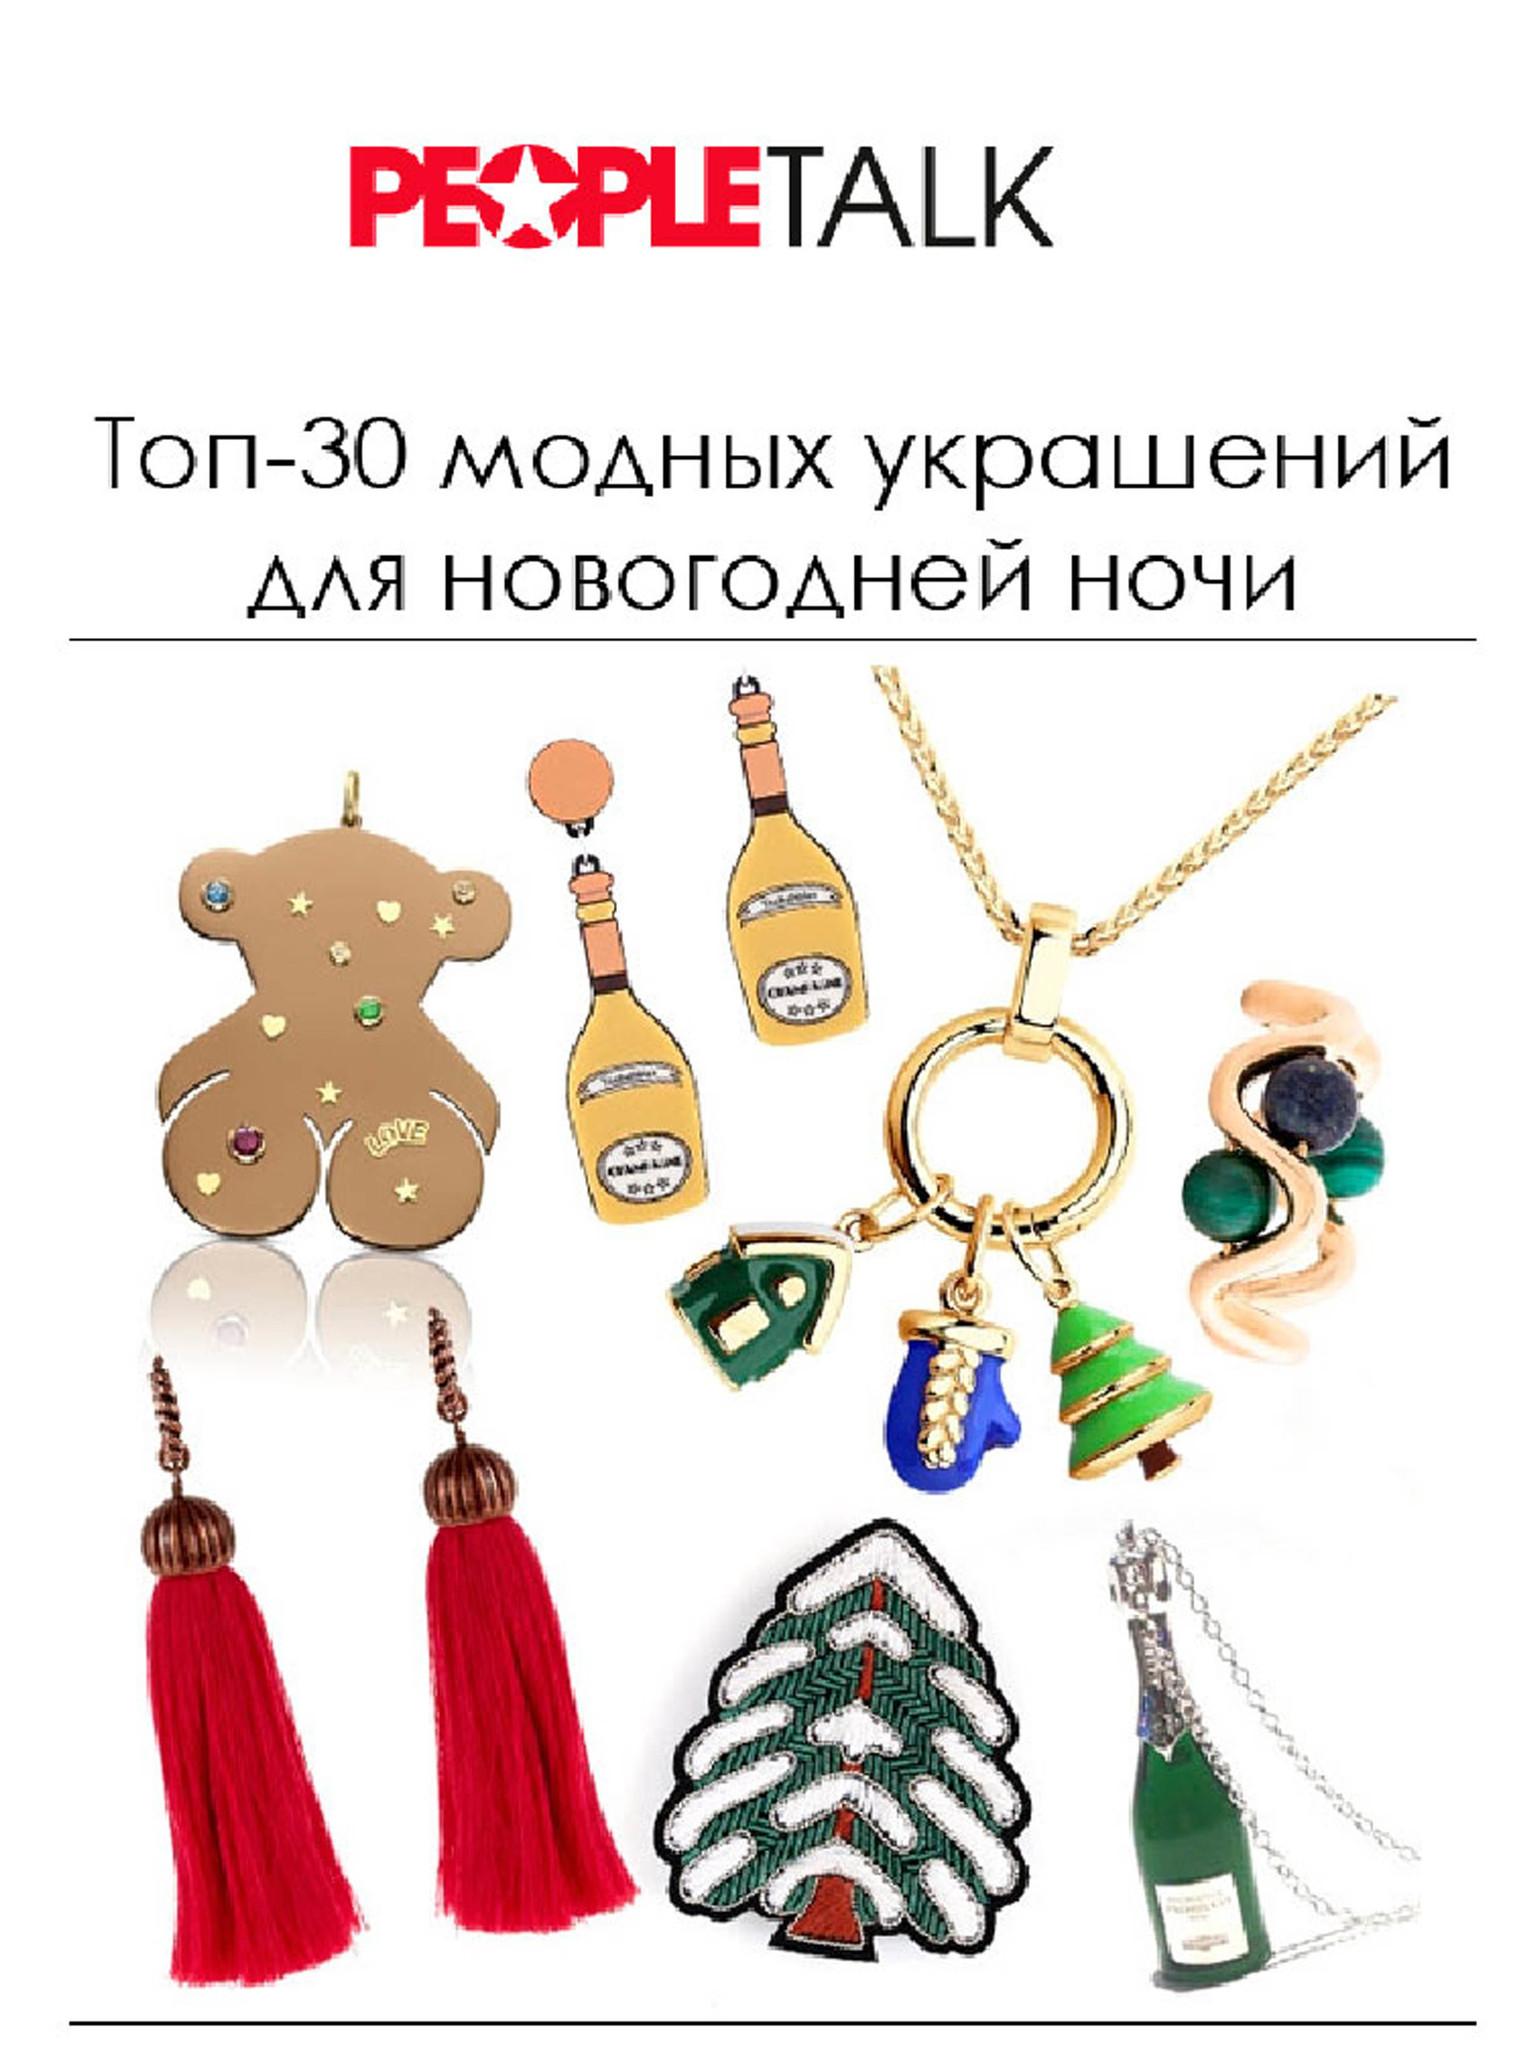 Броши Macon&Lesquoy и подвеска Miss BiBi в Peopletalk.ru декабрь 2015